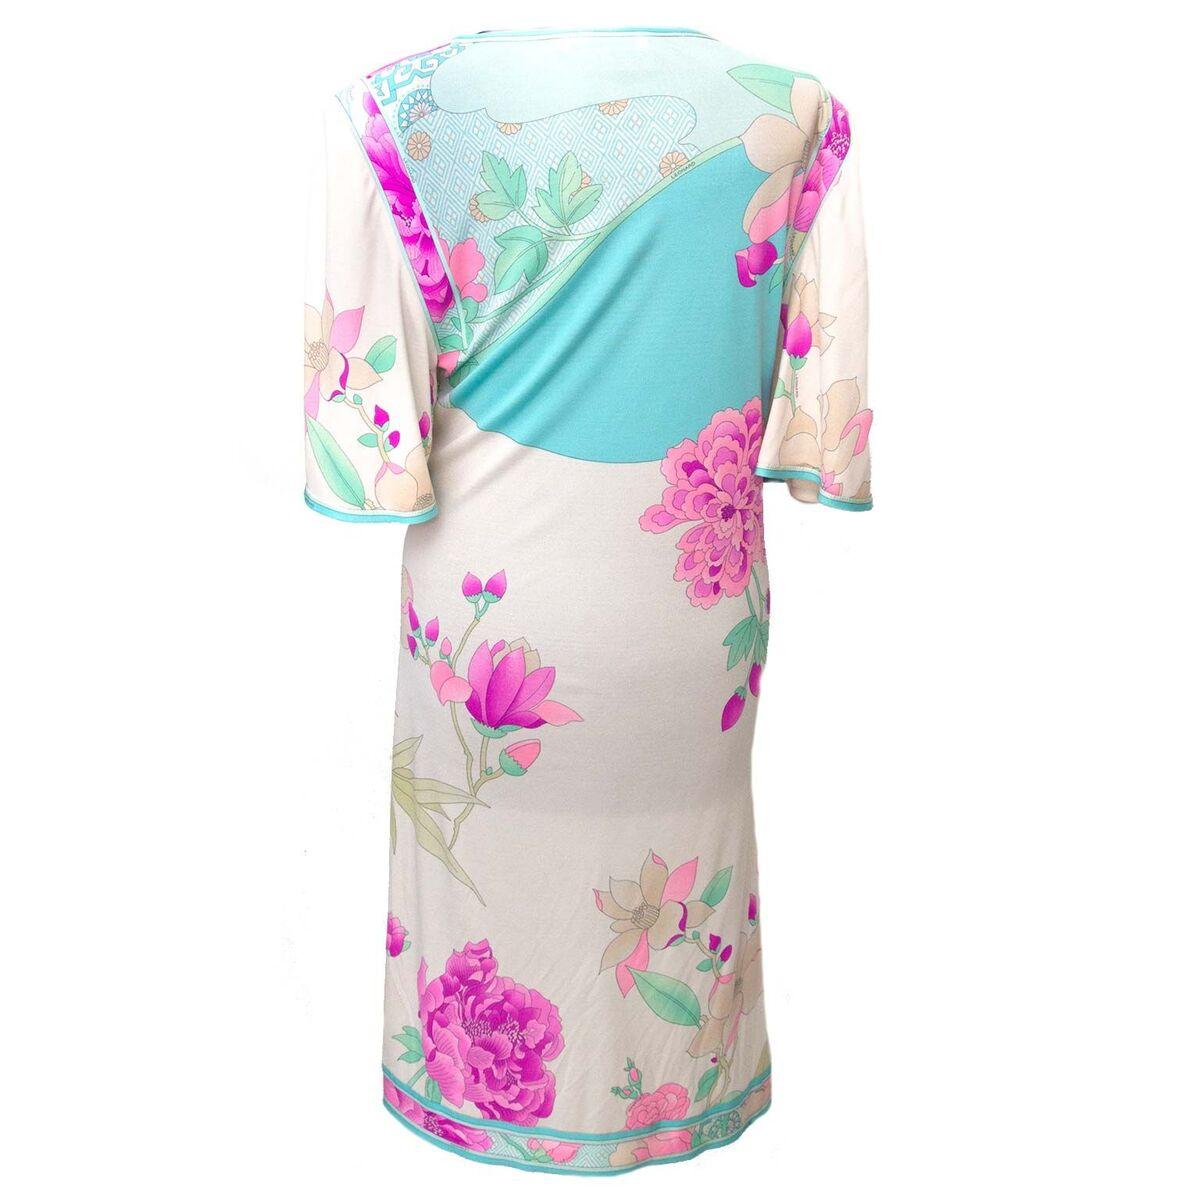 Koop authentieke tweedehands Leonard witte floral jurken aan een eerlijke prijs bij LabelLOV. Veilig online shoppen.